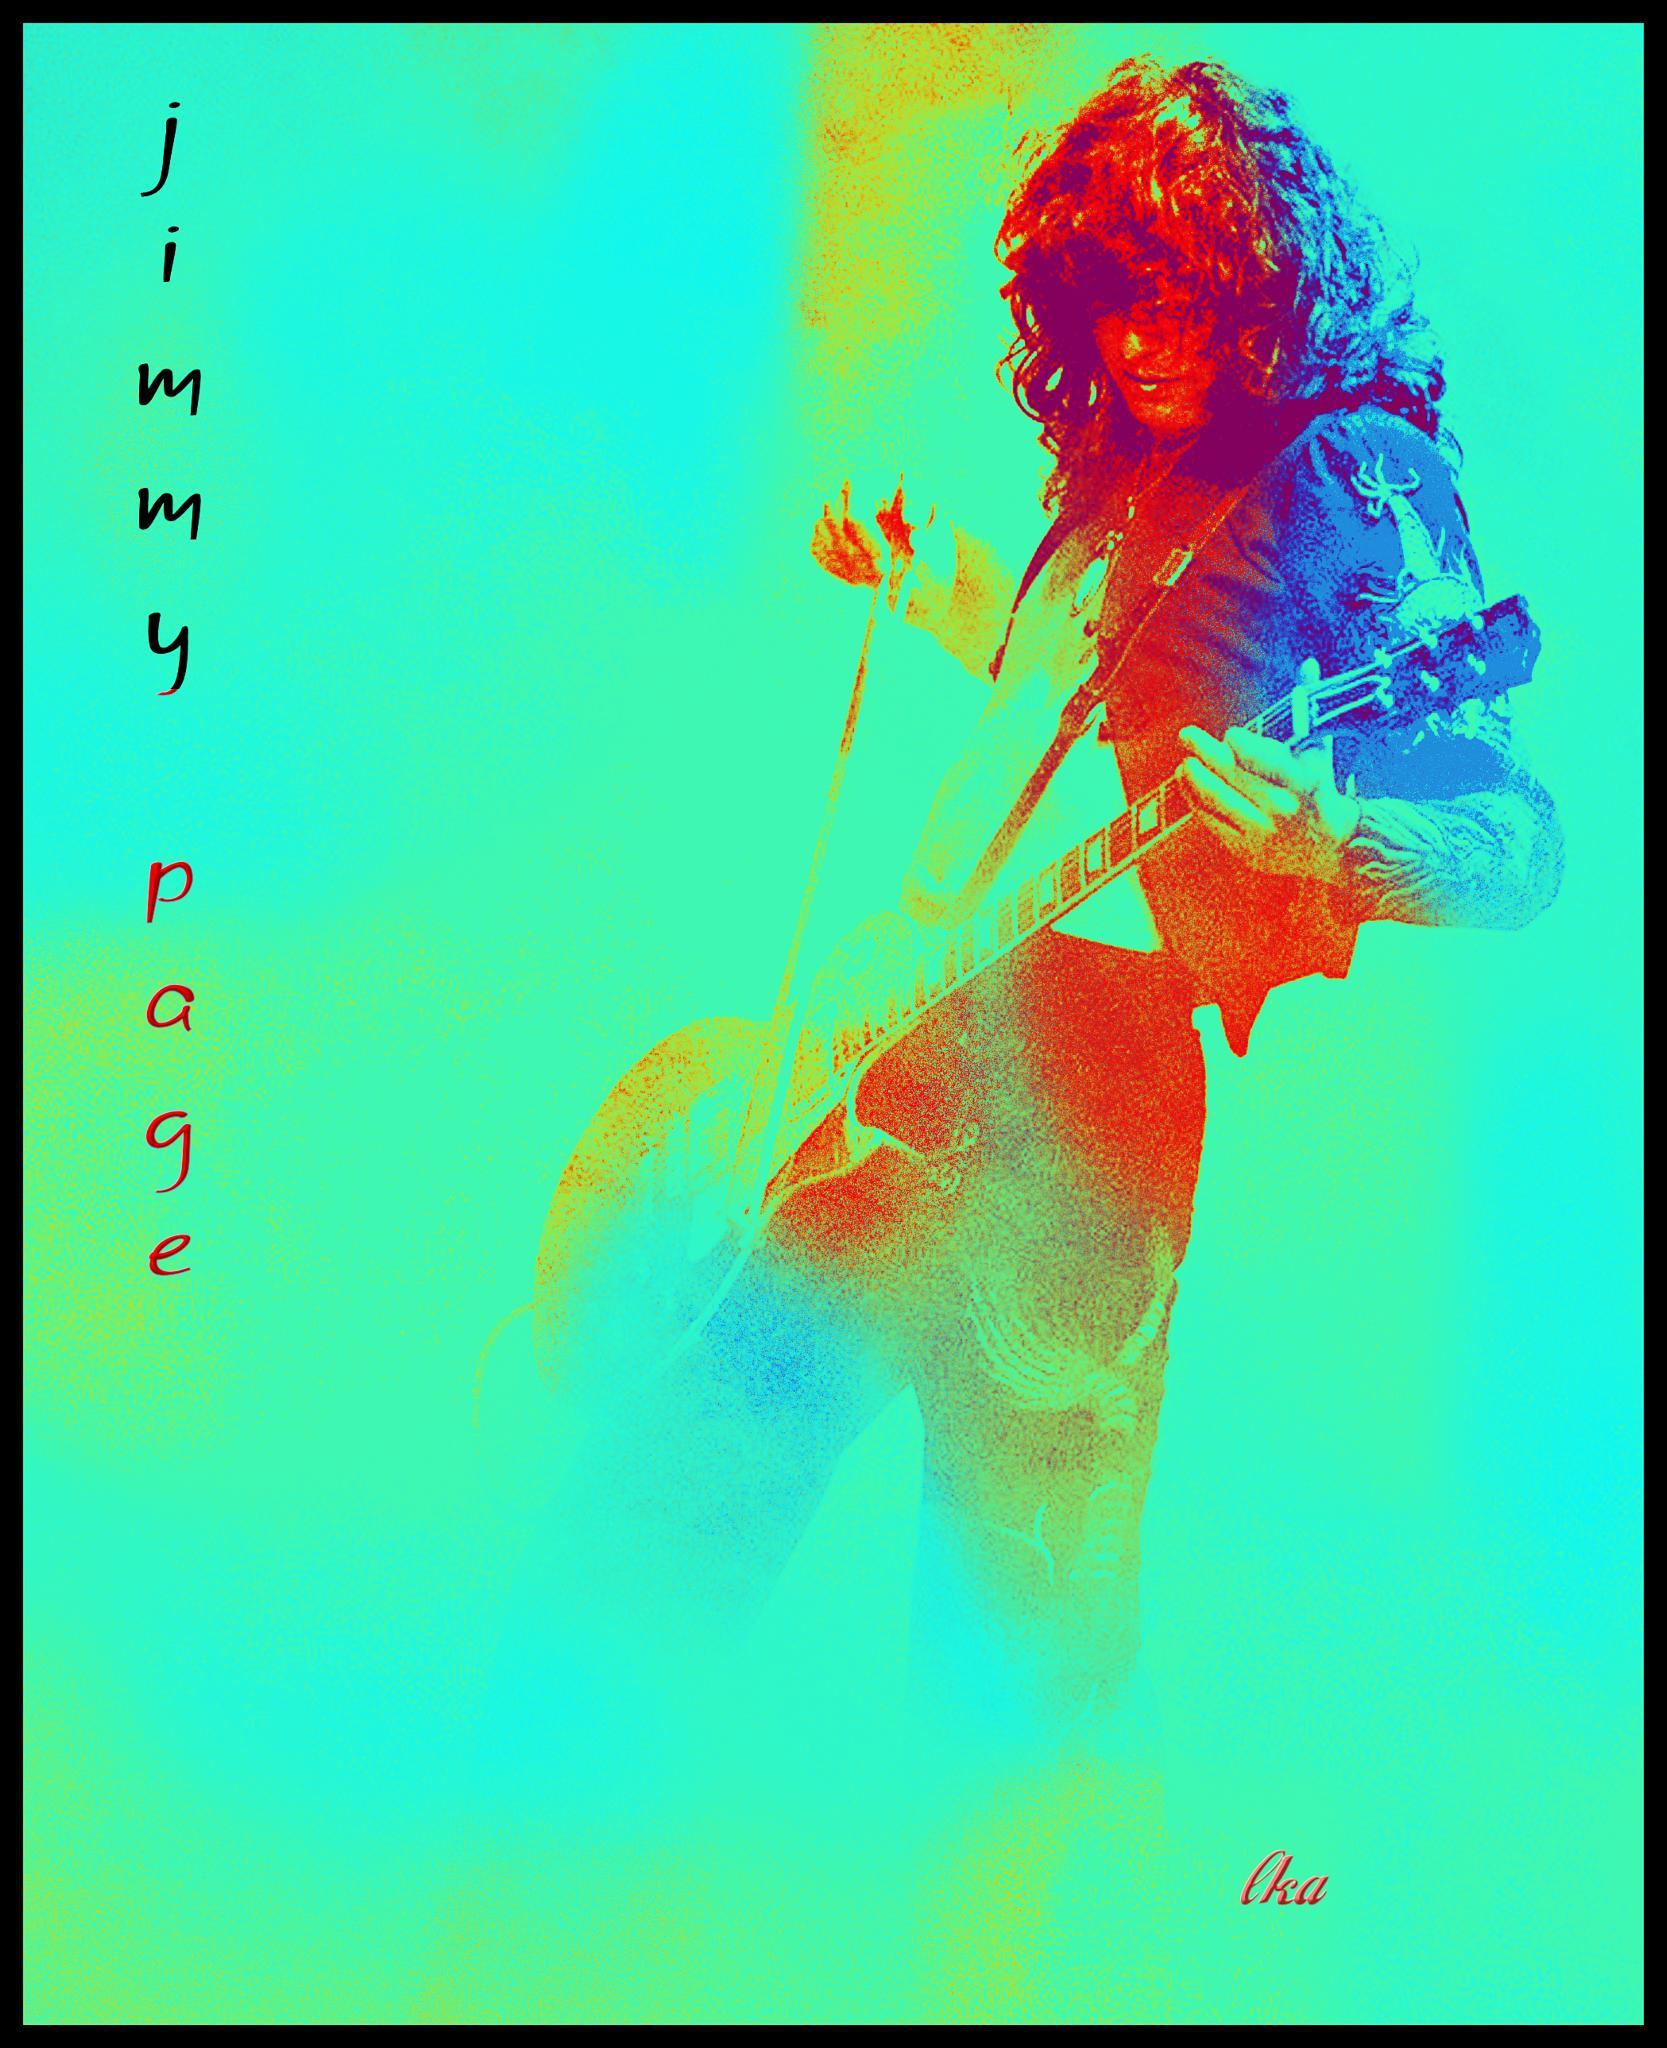 Jimmy Page in aqua by lisakay.allen